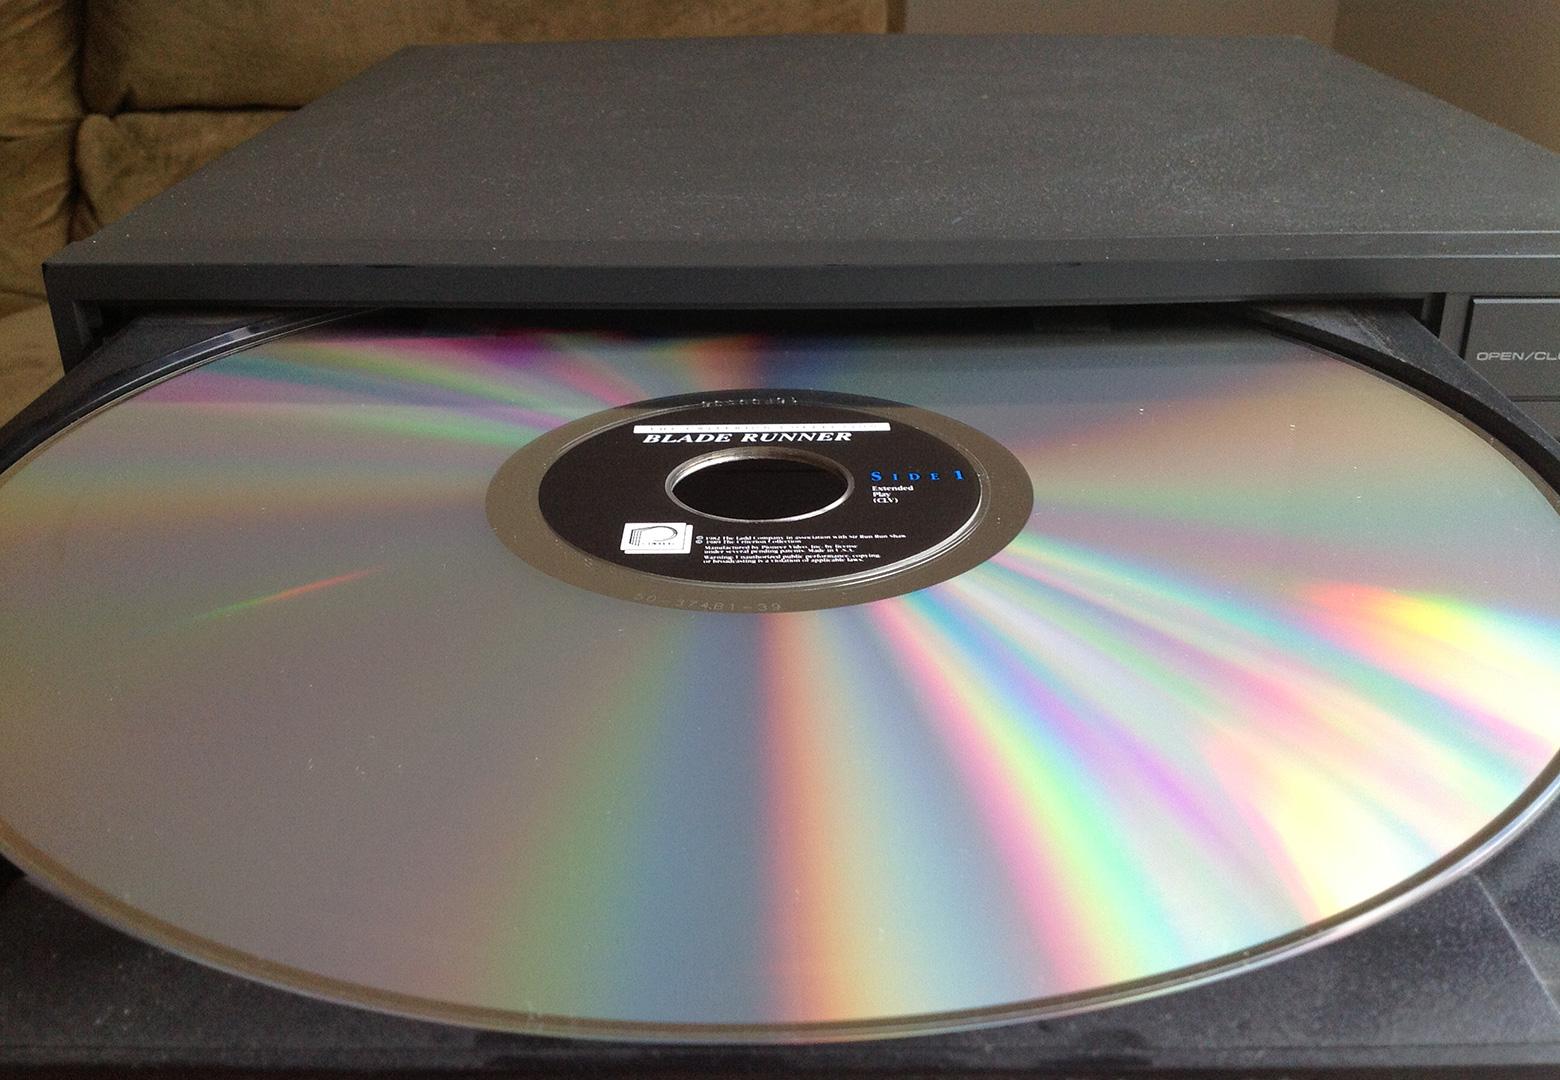 LaserDisc: история несостоявшегося конкурента видеокассет (часть 1) - 1